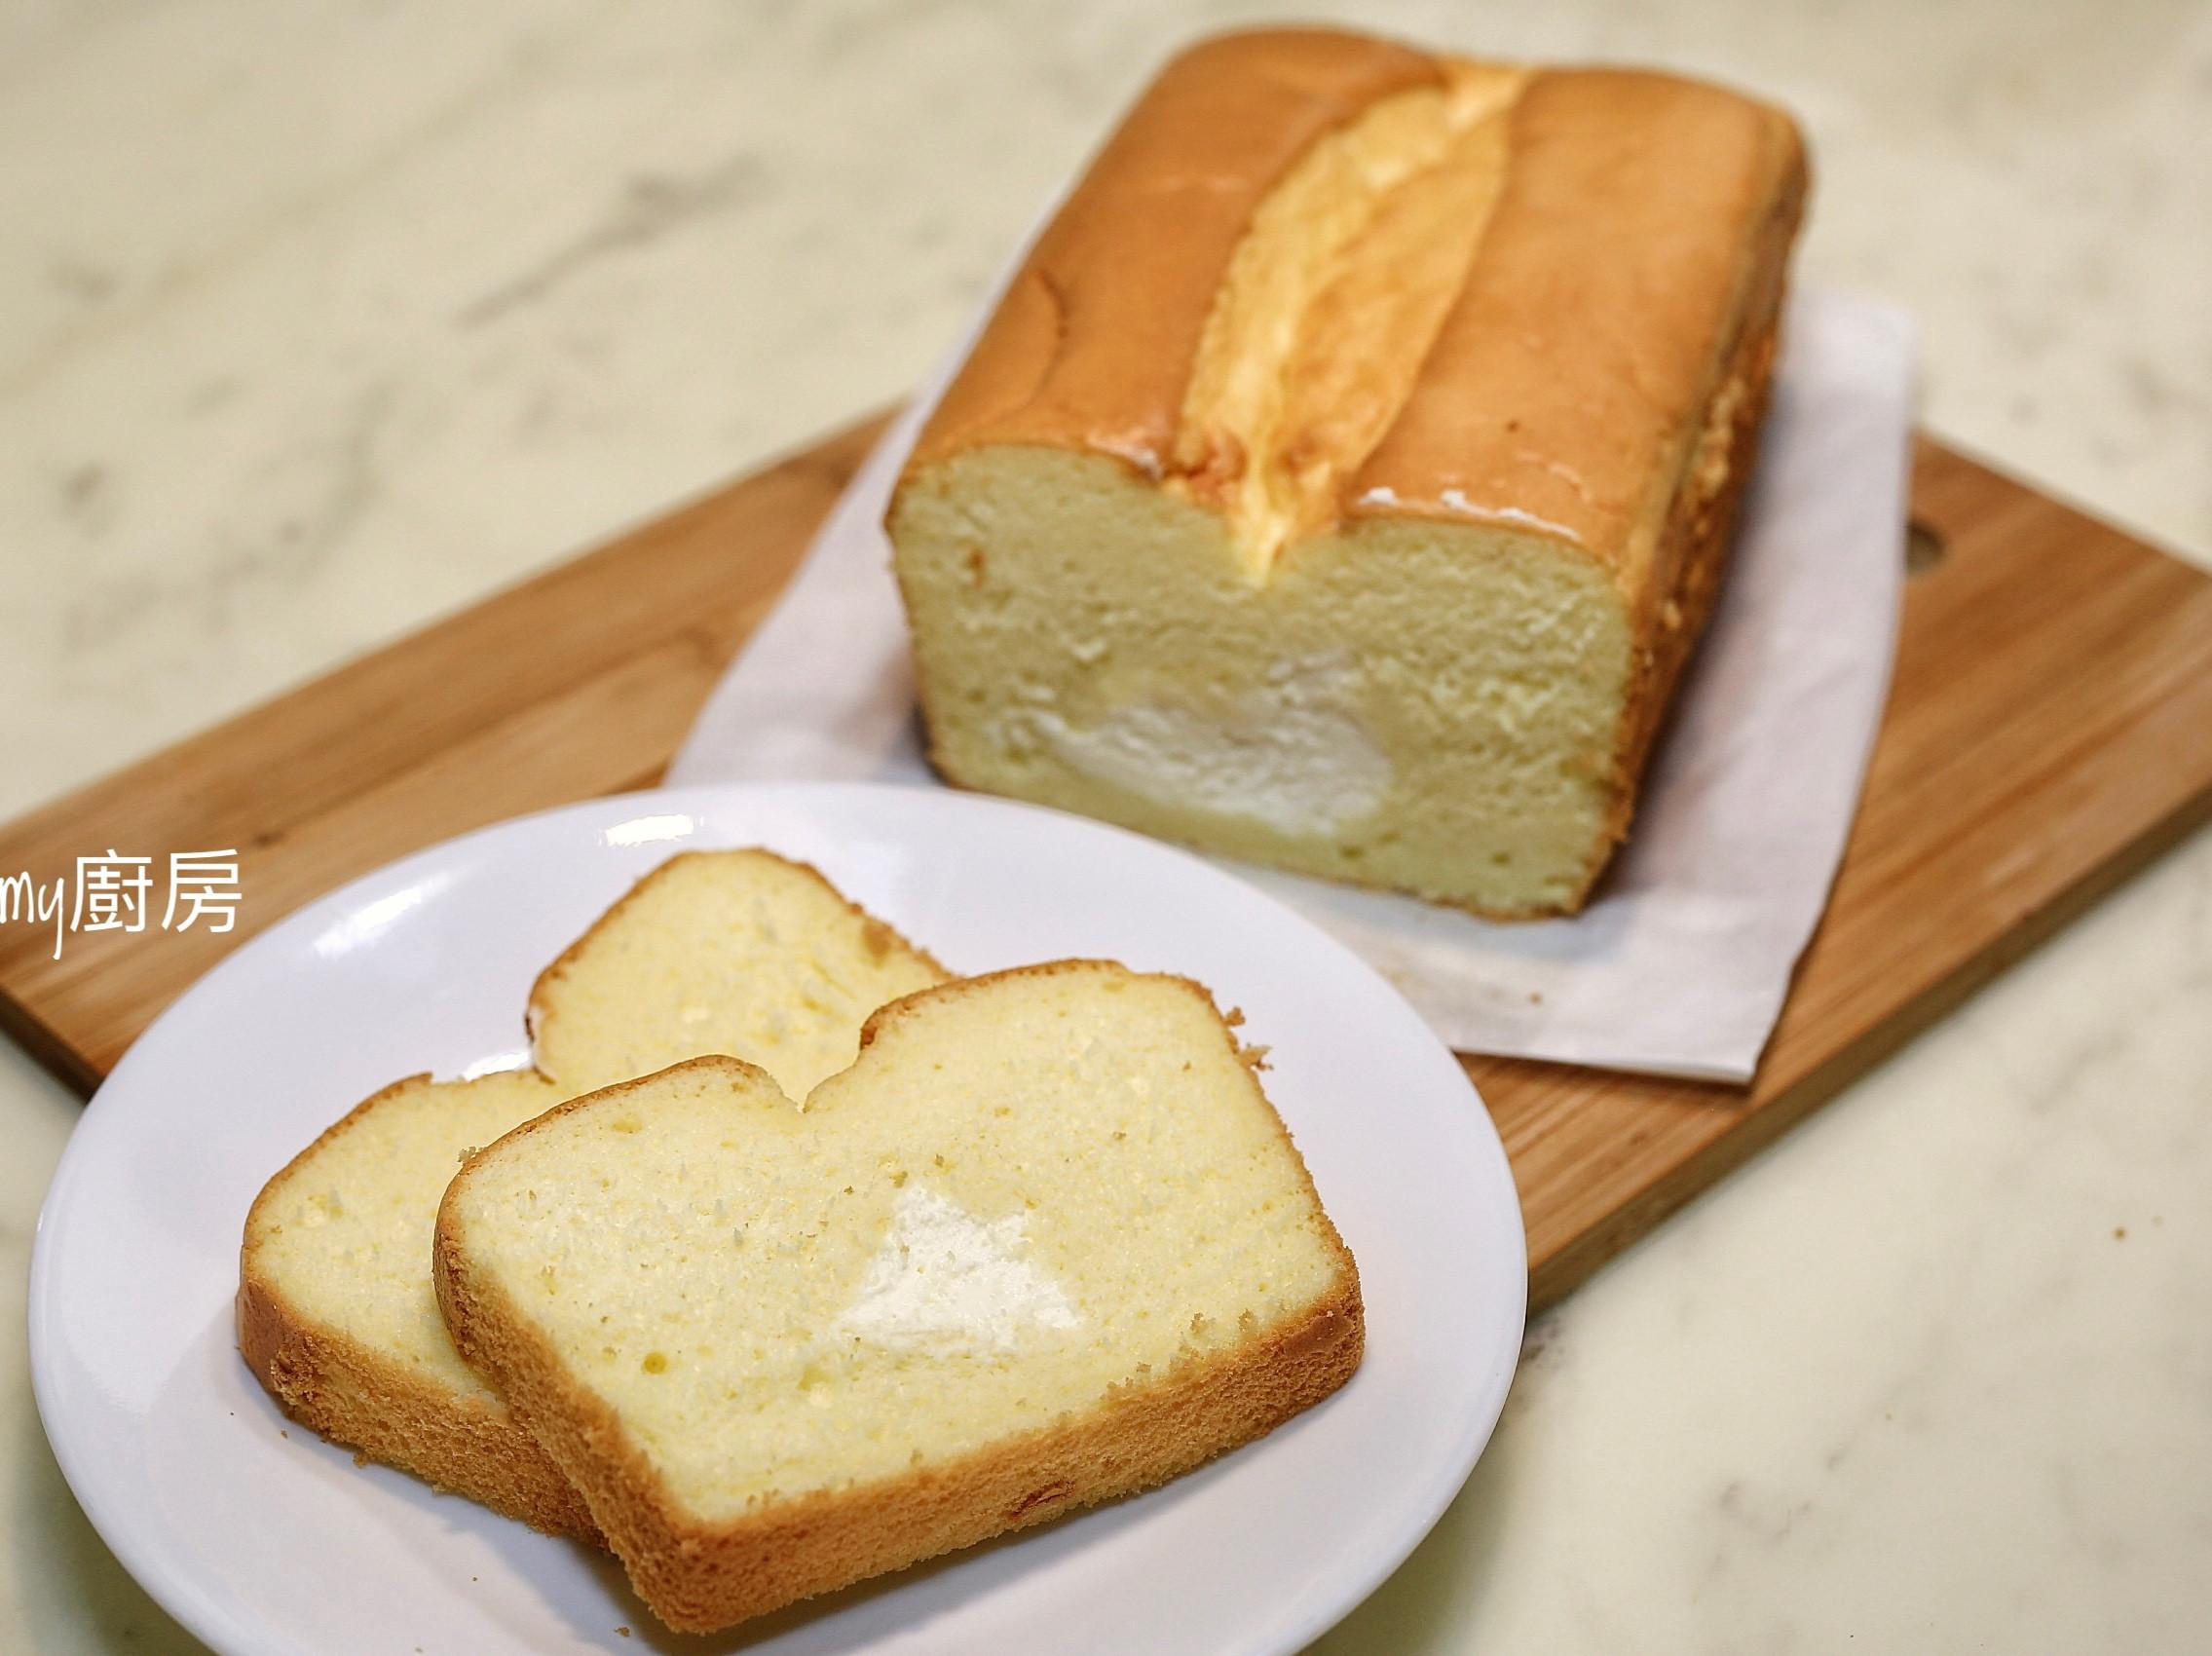 藏雪戚風蛋糕(減糖配方)